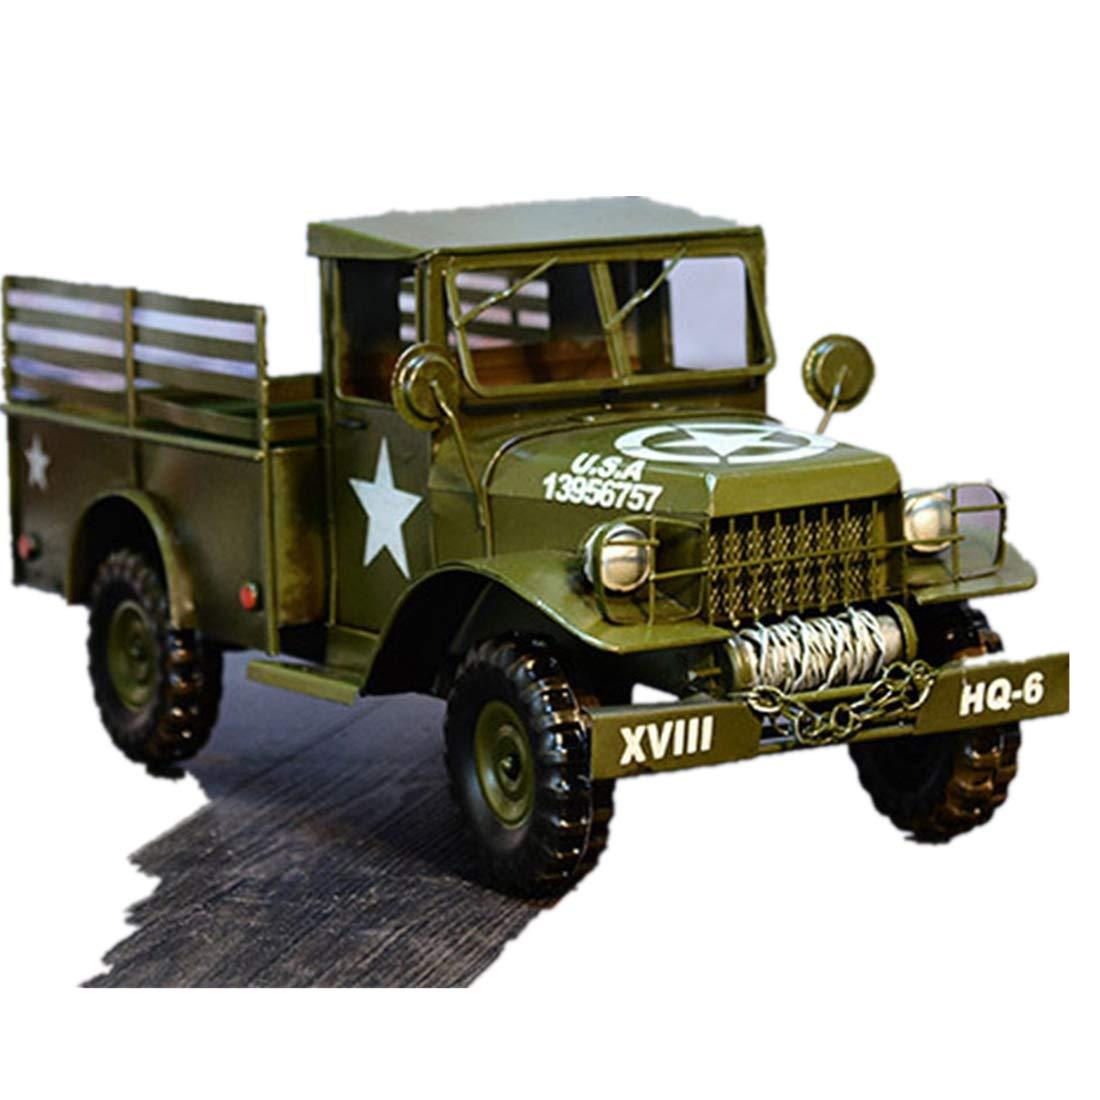 VJUKUB Retro Modelo De Camión Militar De Hierro Arte Hogar Decoración del Coche Arreglo Decoración Accesorios De Fotografía 45  18  20 CM